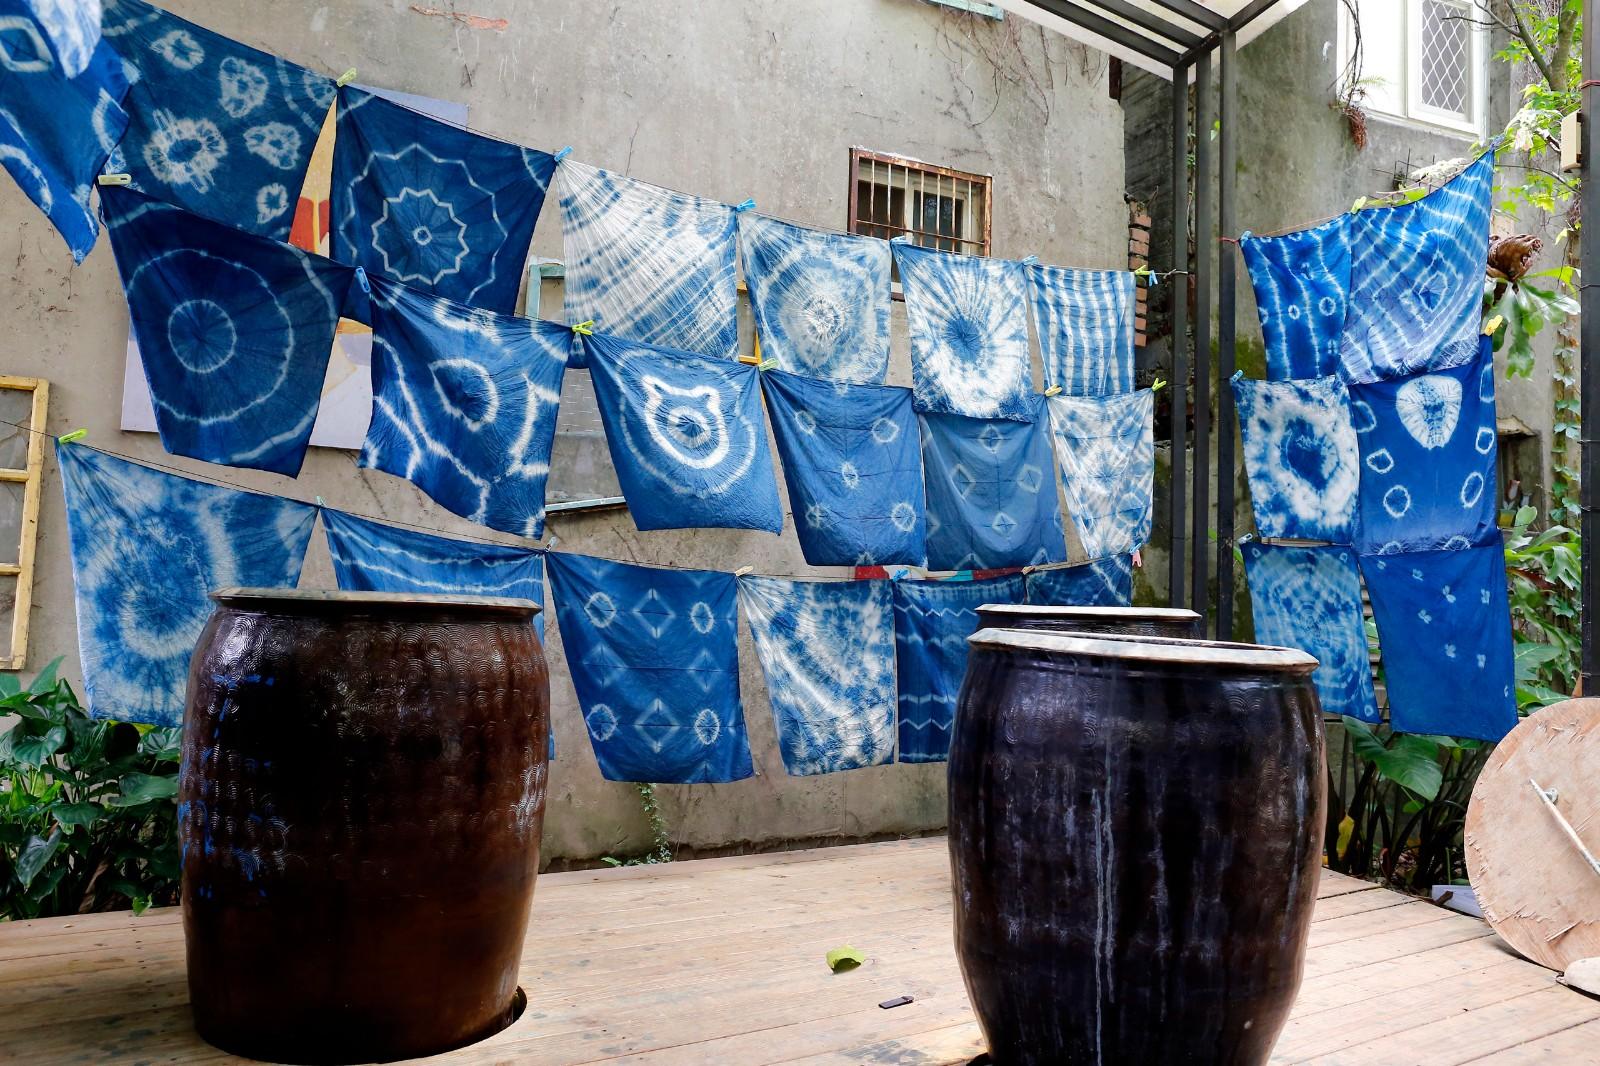 一日職人DIY體驗 - 三峽藍染工藝手作   甘樂文創   甘之如飴,樂在其中